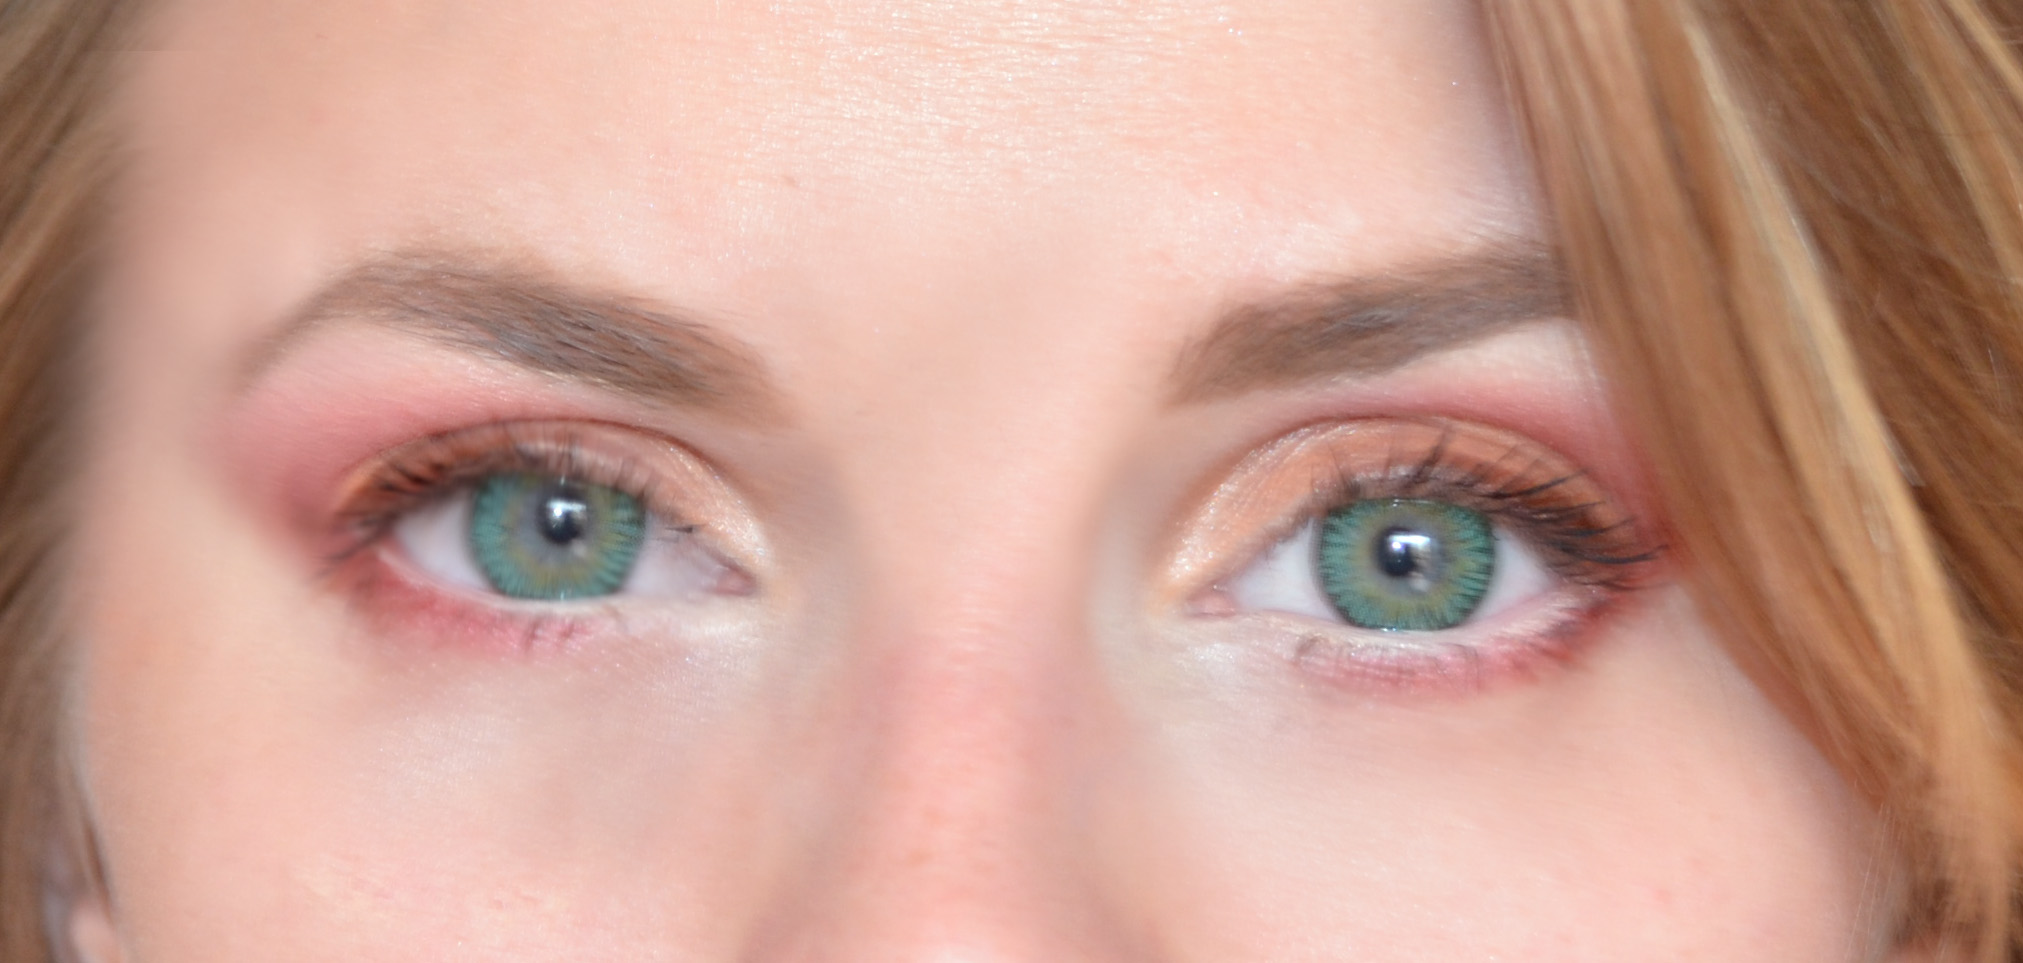 occhi verdi datati